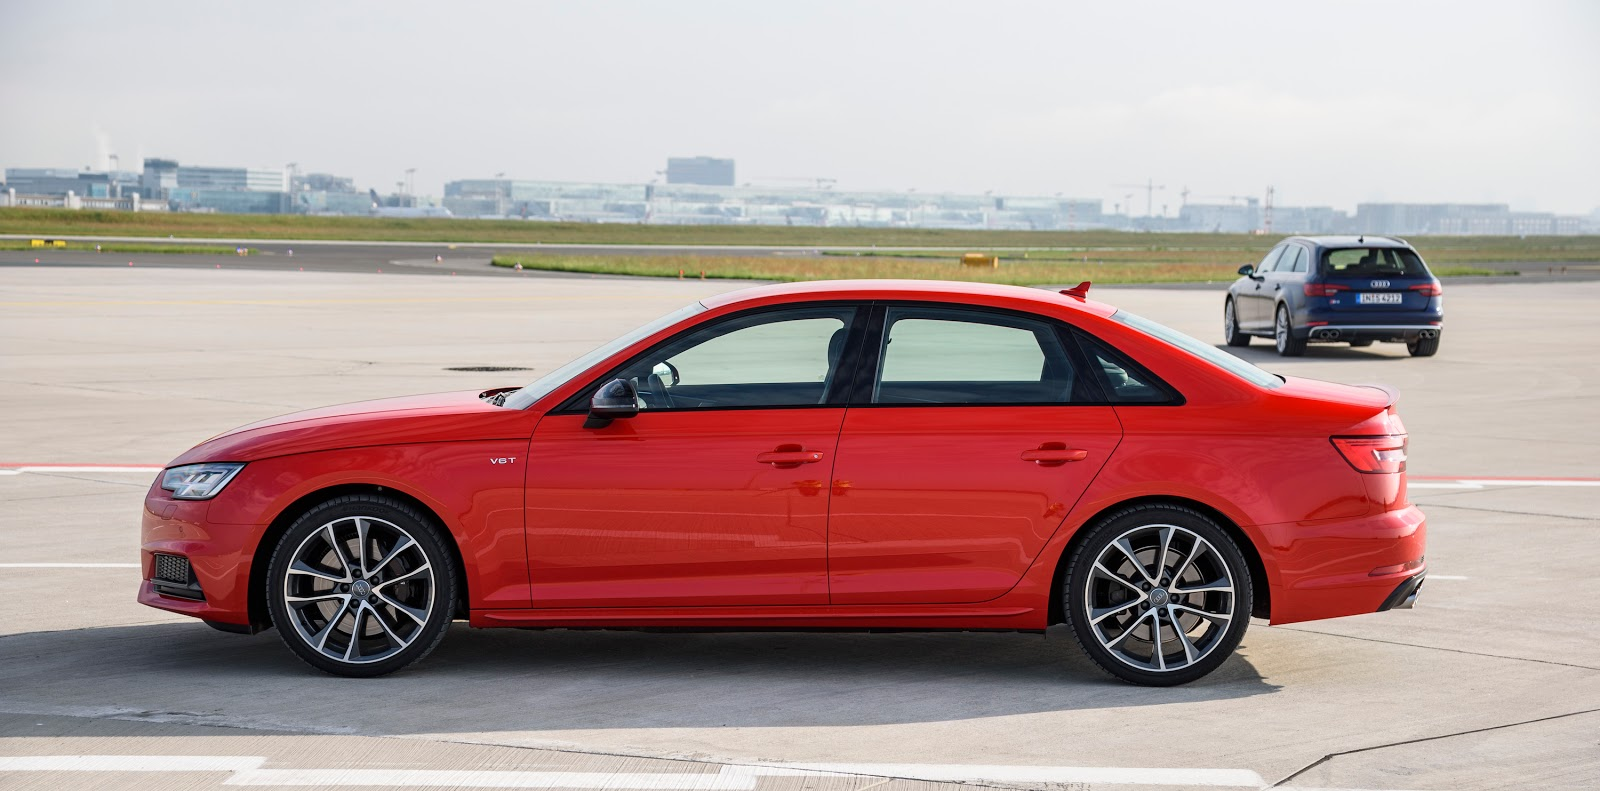 Bản sedan trông rất giống dòng 3 Series của BMW, không biết như thế nào